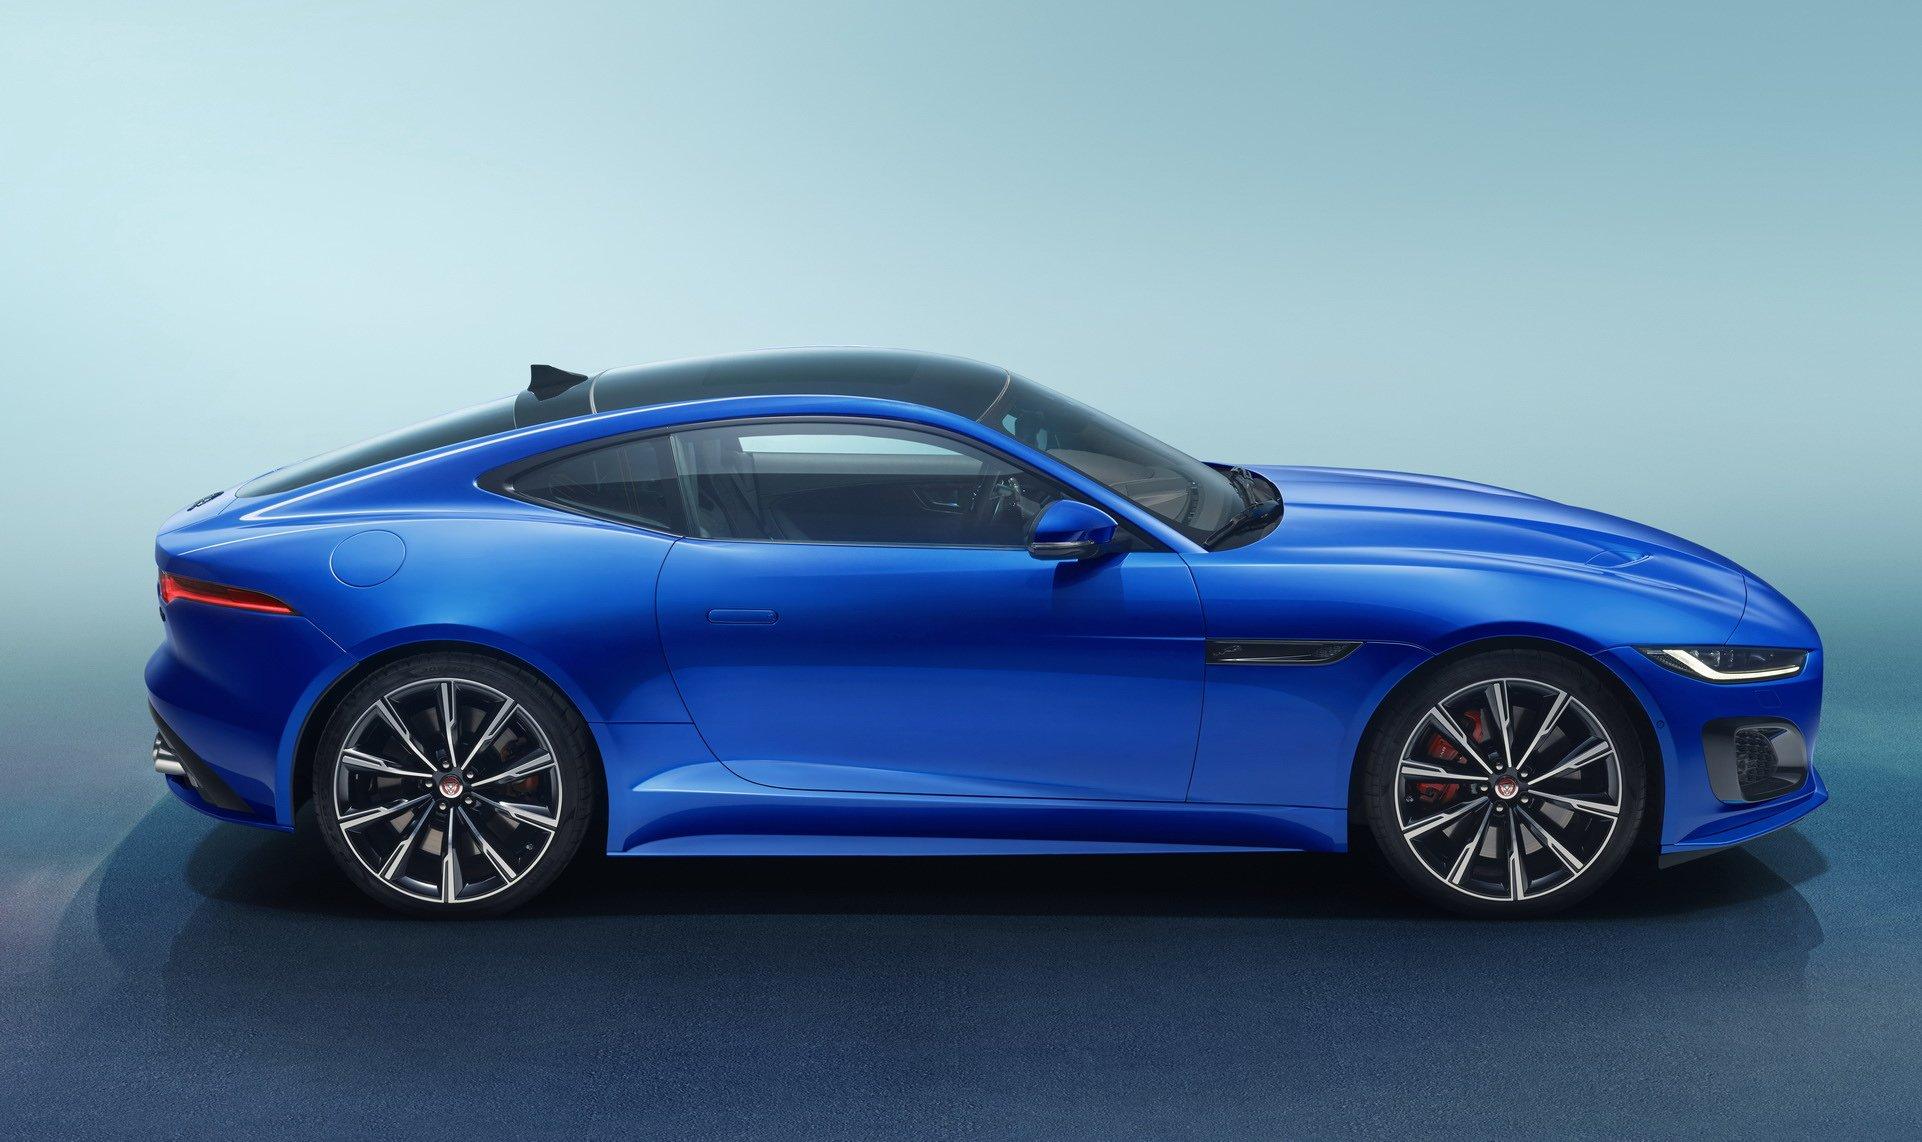 2020 Jaguar F-Type, daha agresif tasarımı ve yeni teknolojileriyle tanıtıldı